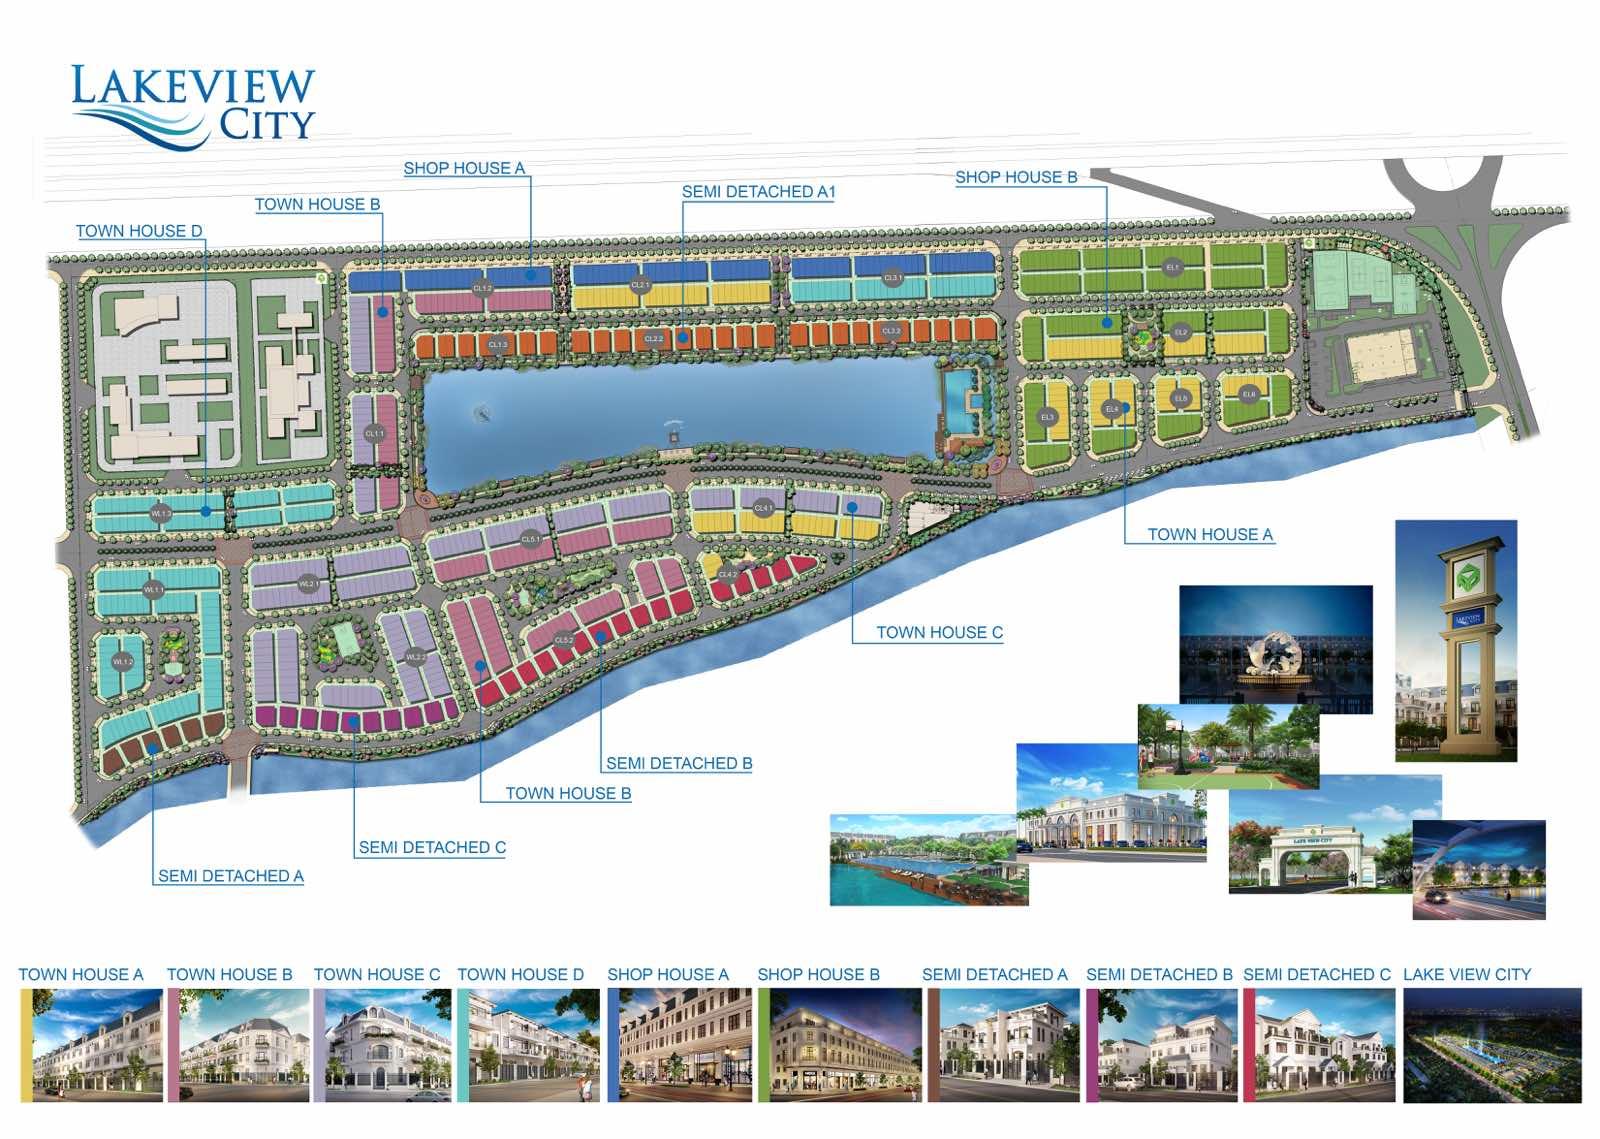 mat-bang-cac-loai-nha-lakeview-city